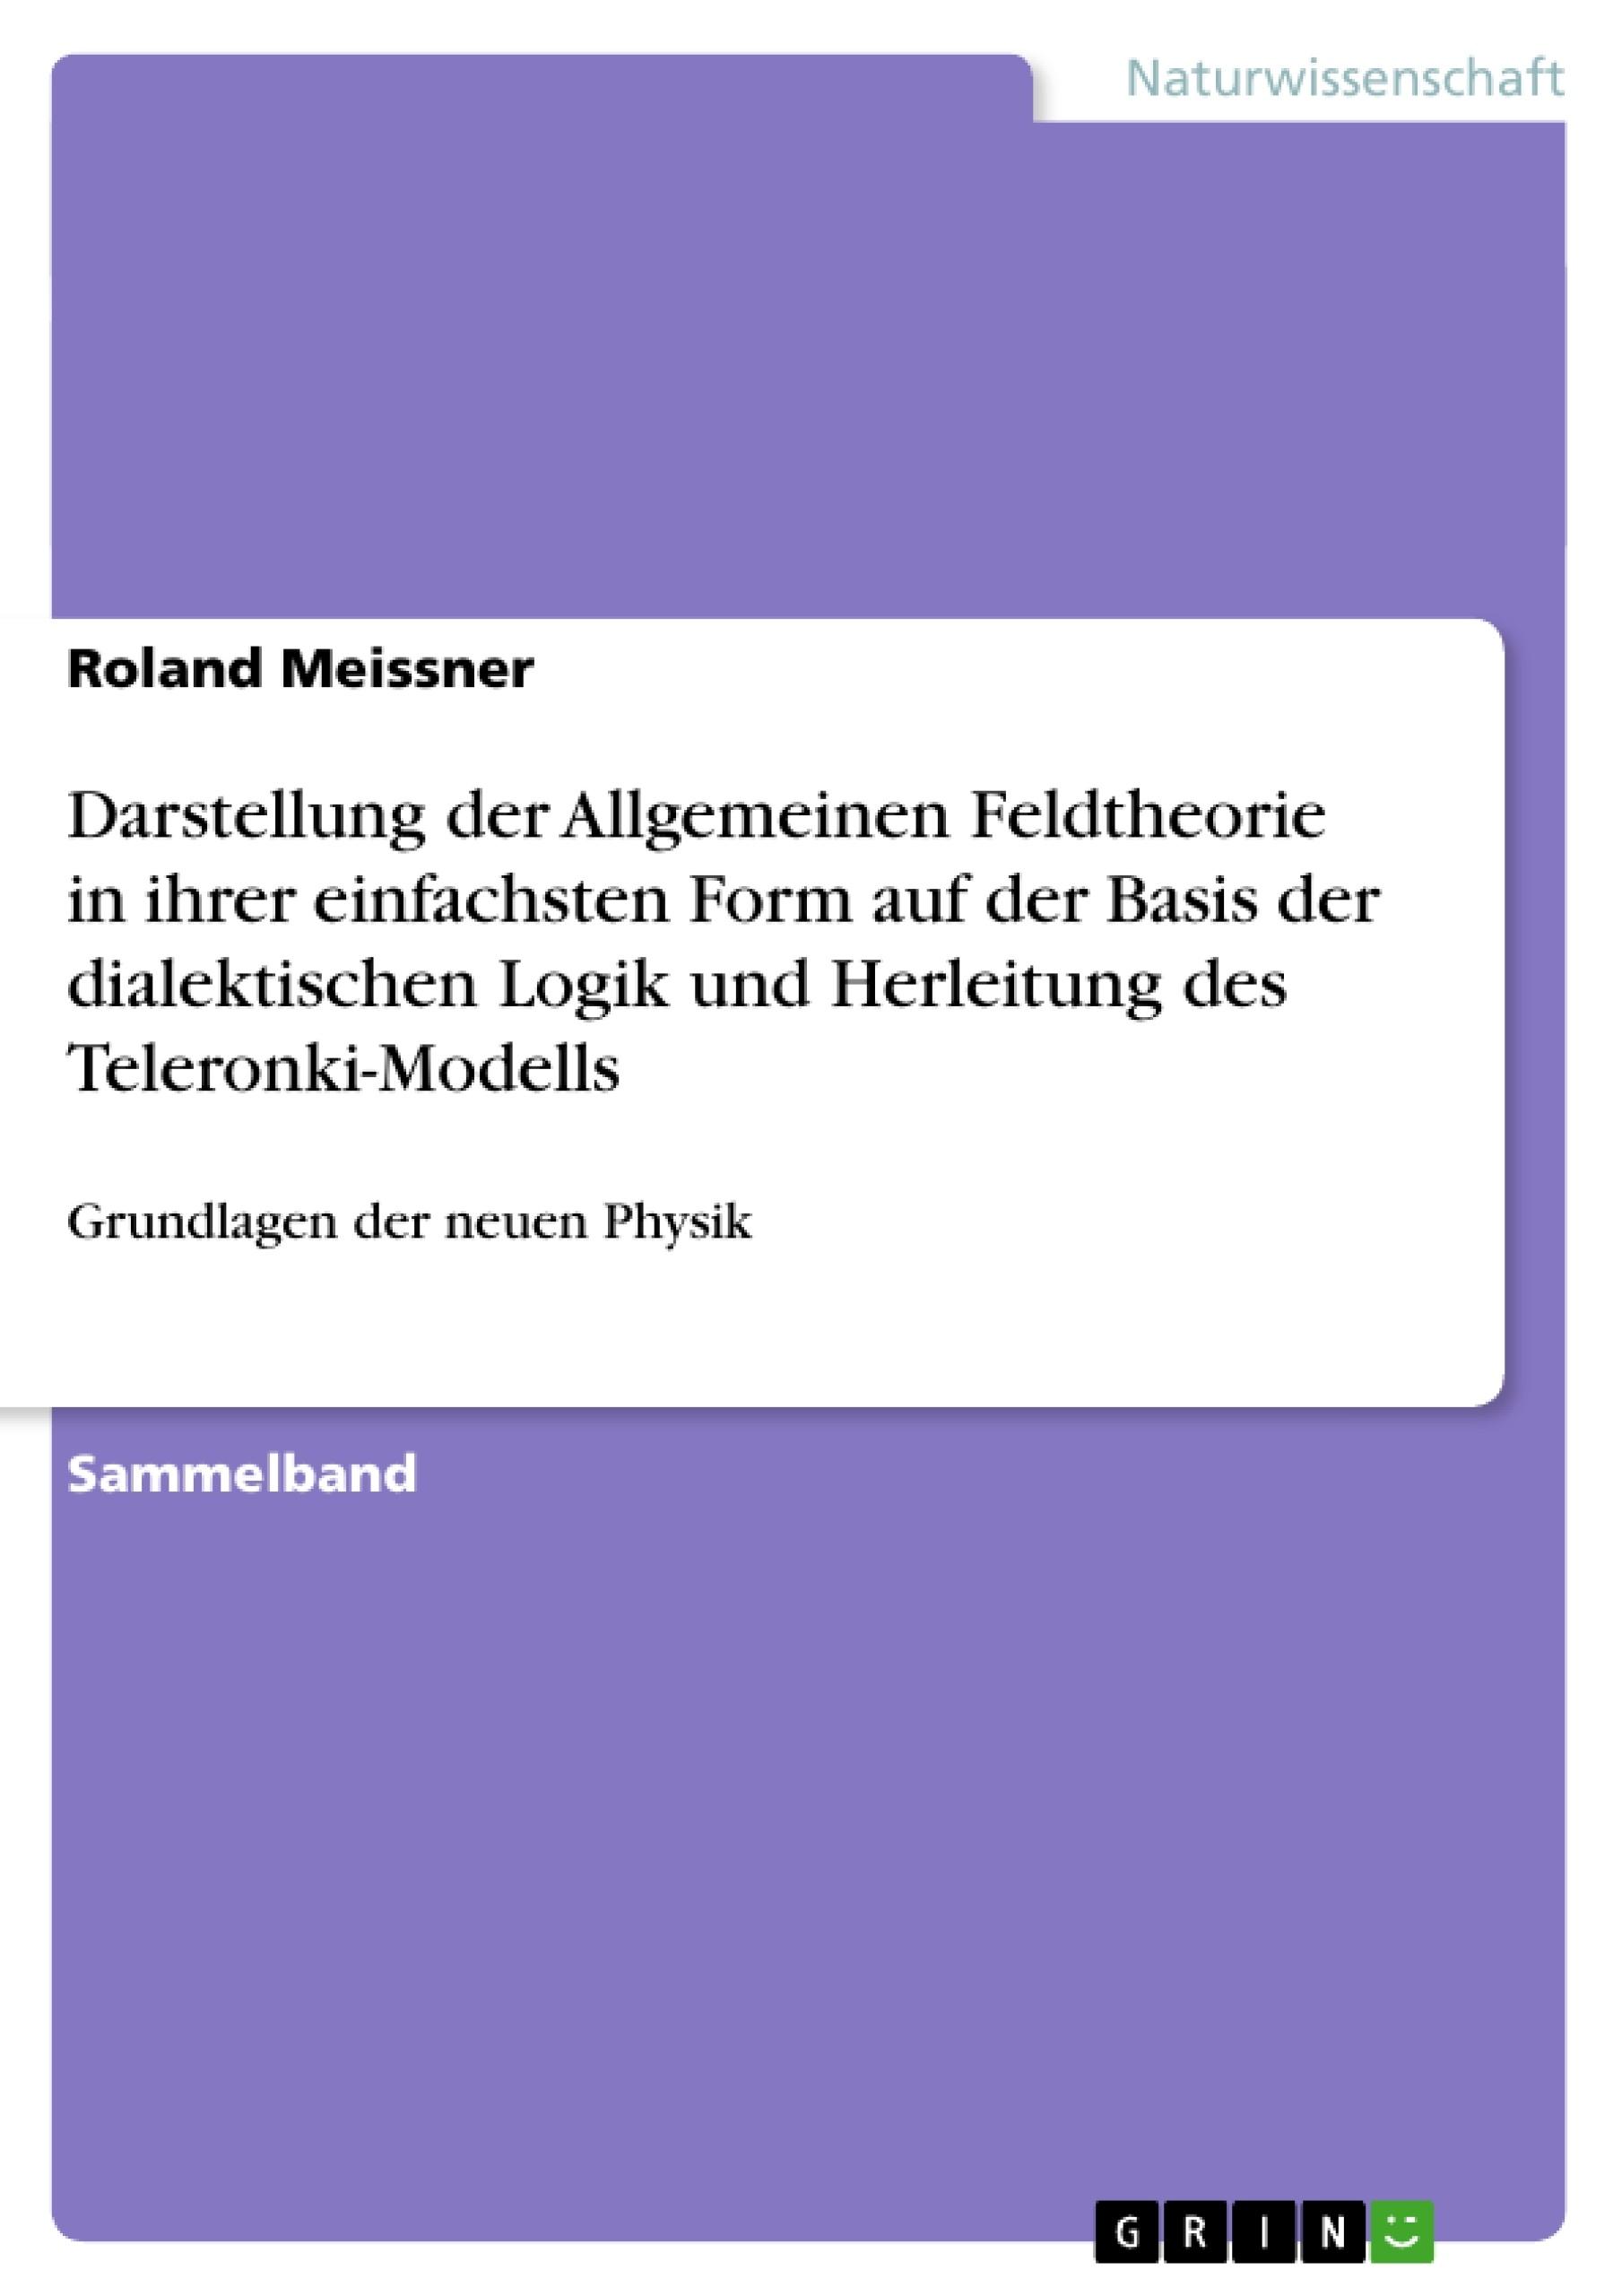 Titel: Darstellung der Allgemeinen Feldtheorie in ihrer einfachsten Form auf der Basis der dialektischen Logik und Herleitung des Teleronki-Modells